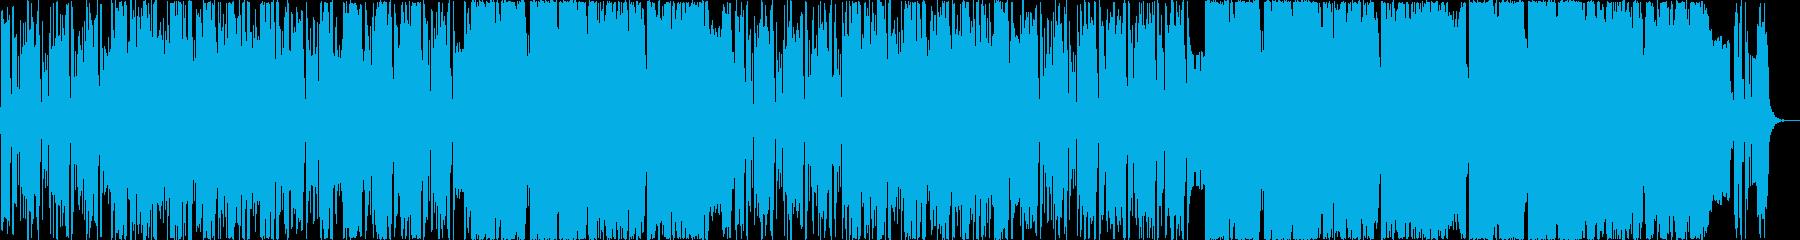 ヒップホップ風インドポップサウンドの再生済みの波形